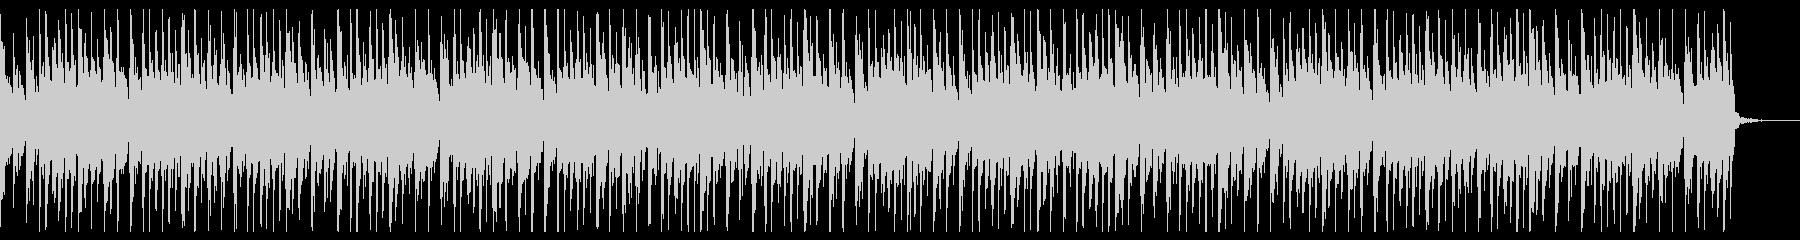 シンキングタイム 3の未再生の波形